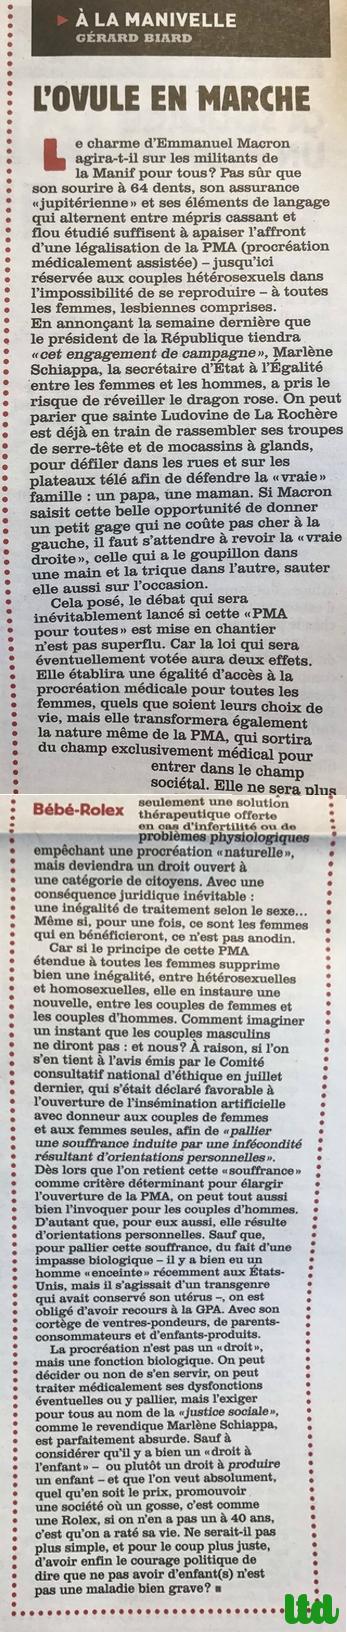 Charlie Hebdo prend partie contre la PMA pour toutes